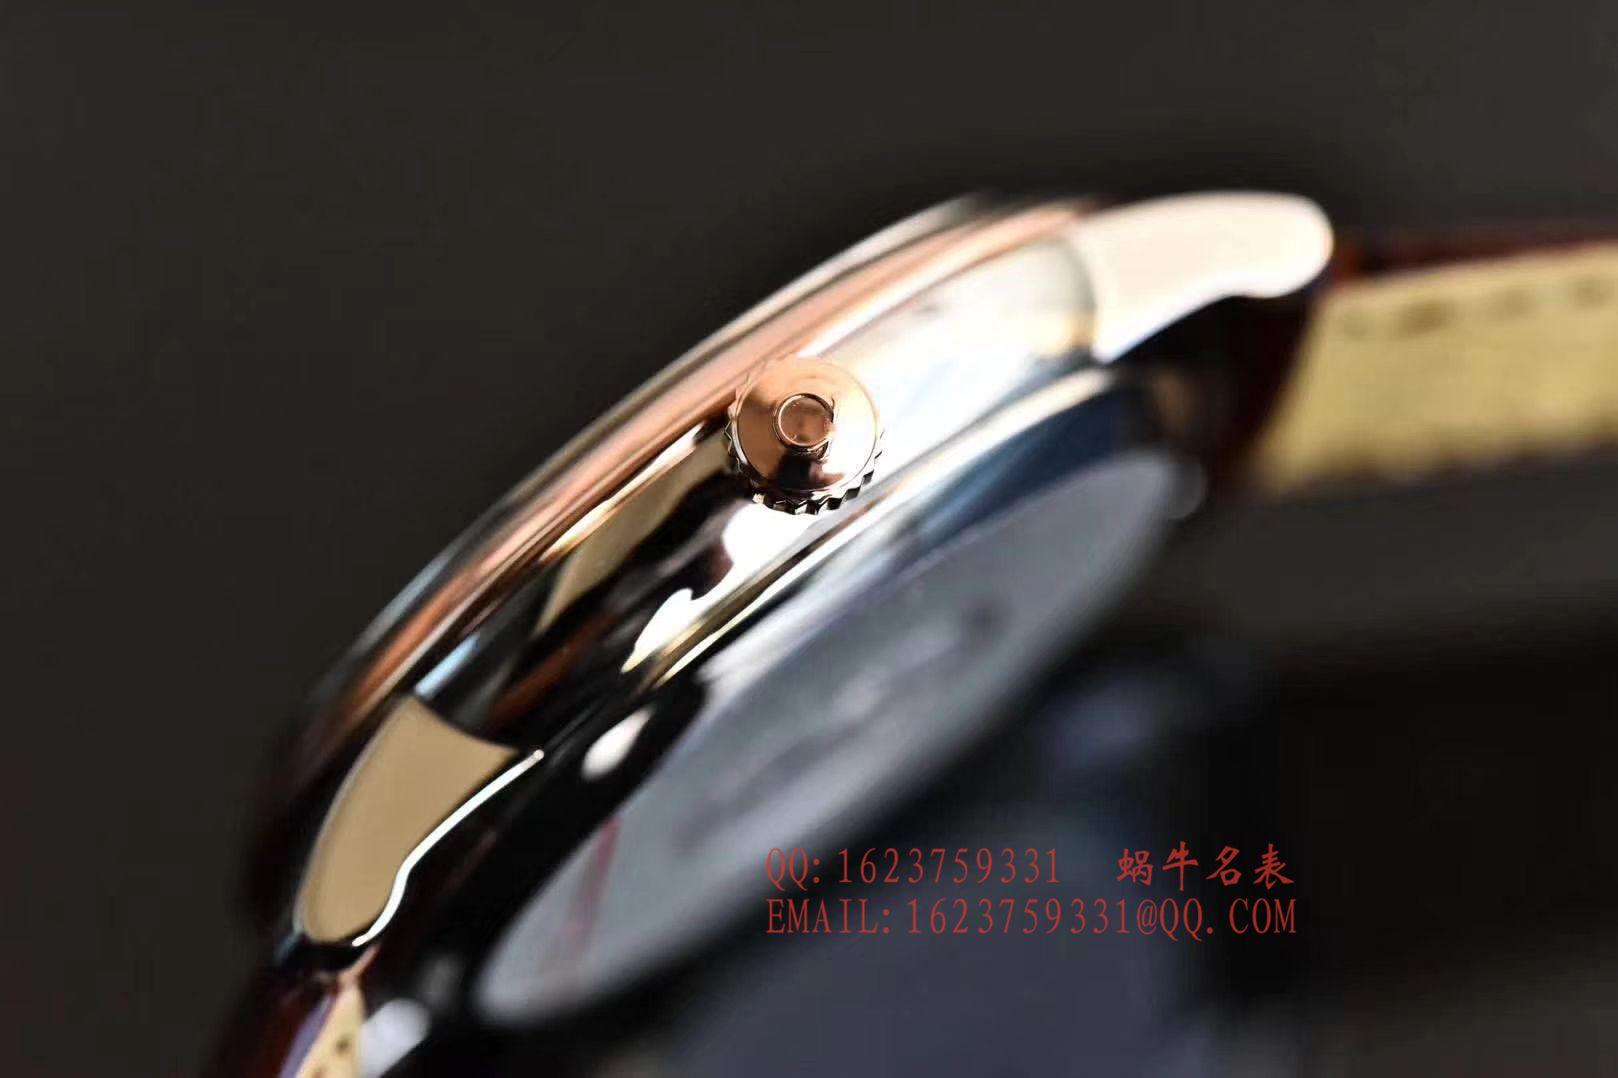 【GP一比一超A高仿手表】欧米茄碟飞系列424.10.40.20.02.002、424.10.40.20.03.002、424.10.40.20.06.001、424.23.40.20.13.001腕表